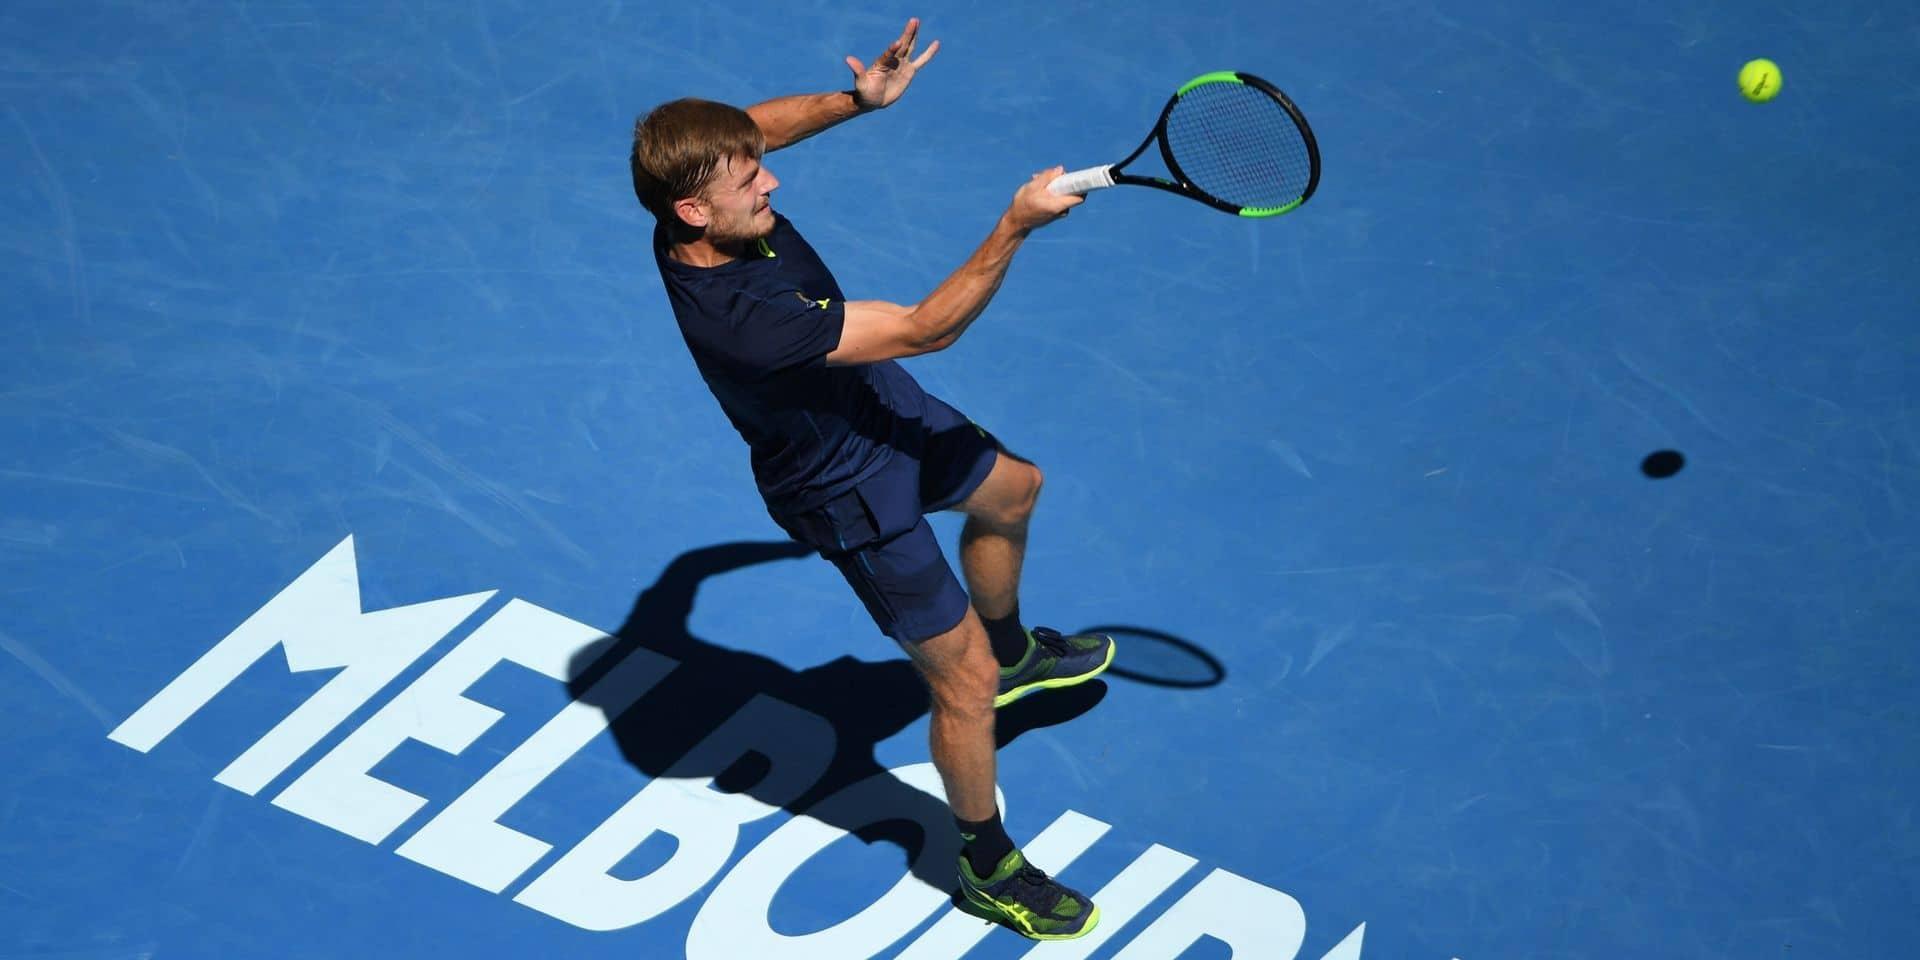 """Open d'Australie : Le tournoi du Grand Chelem """"proche"""" de ses dates initiales, la quarantaine restera de mise"""